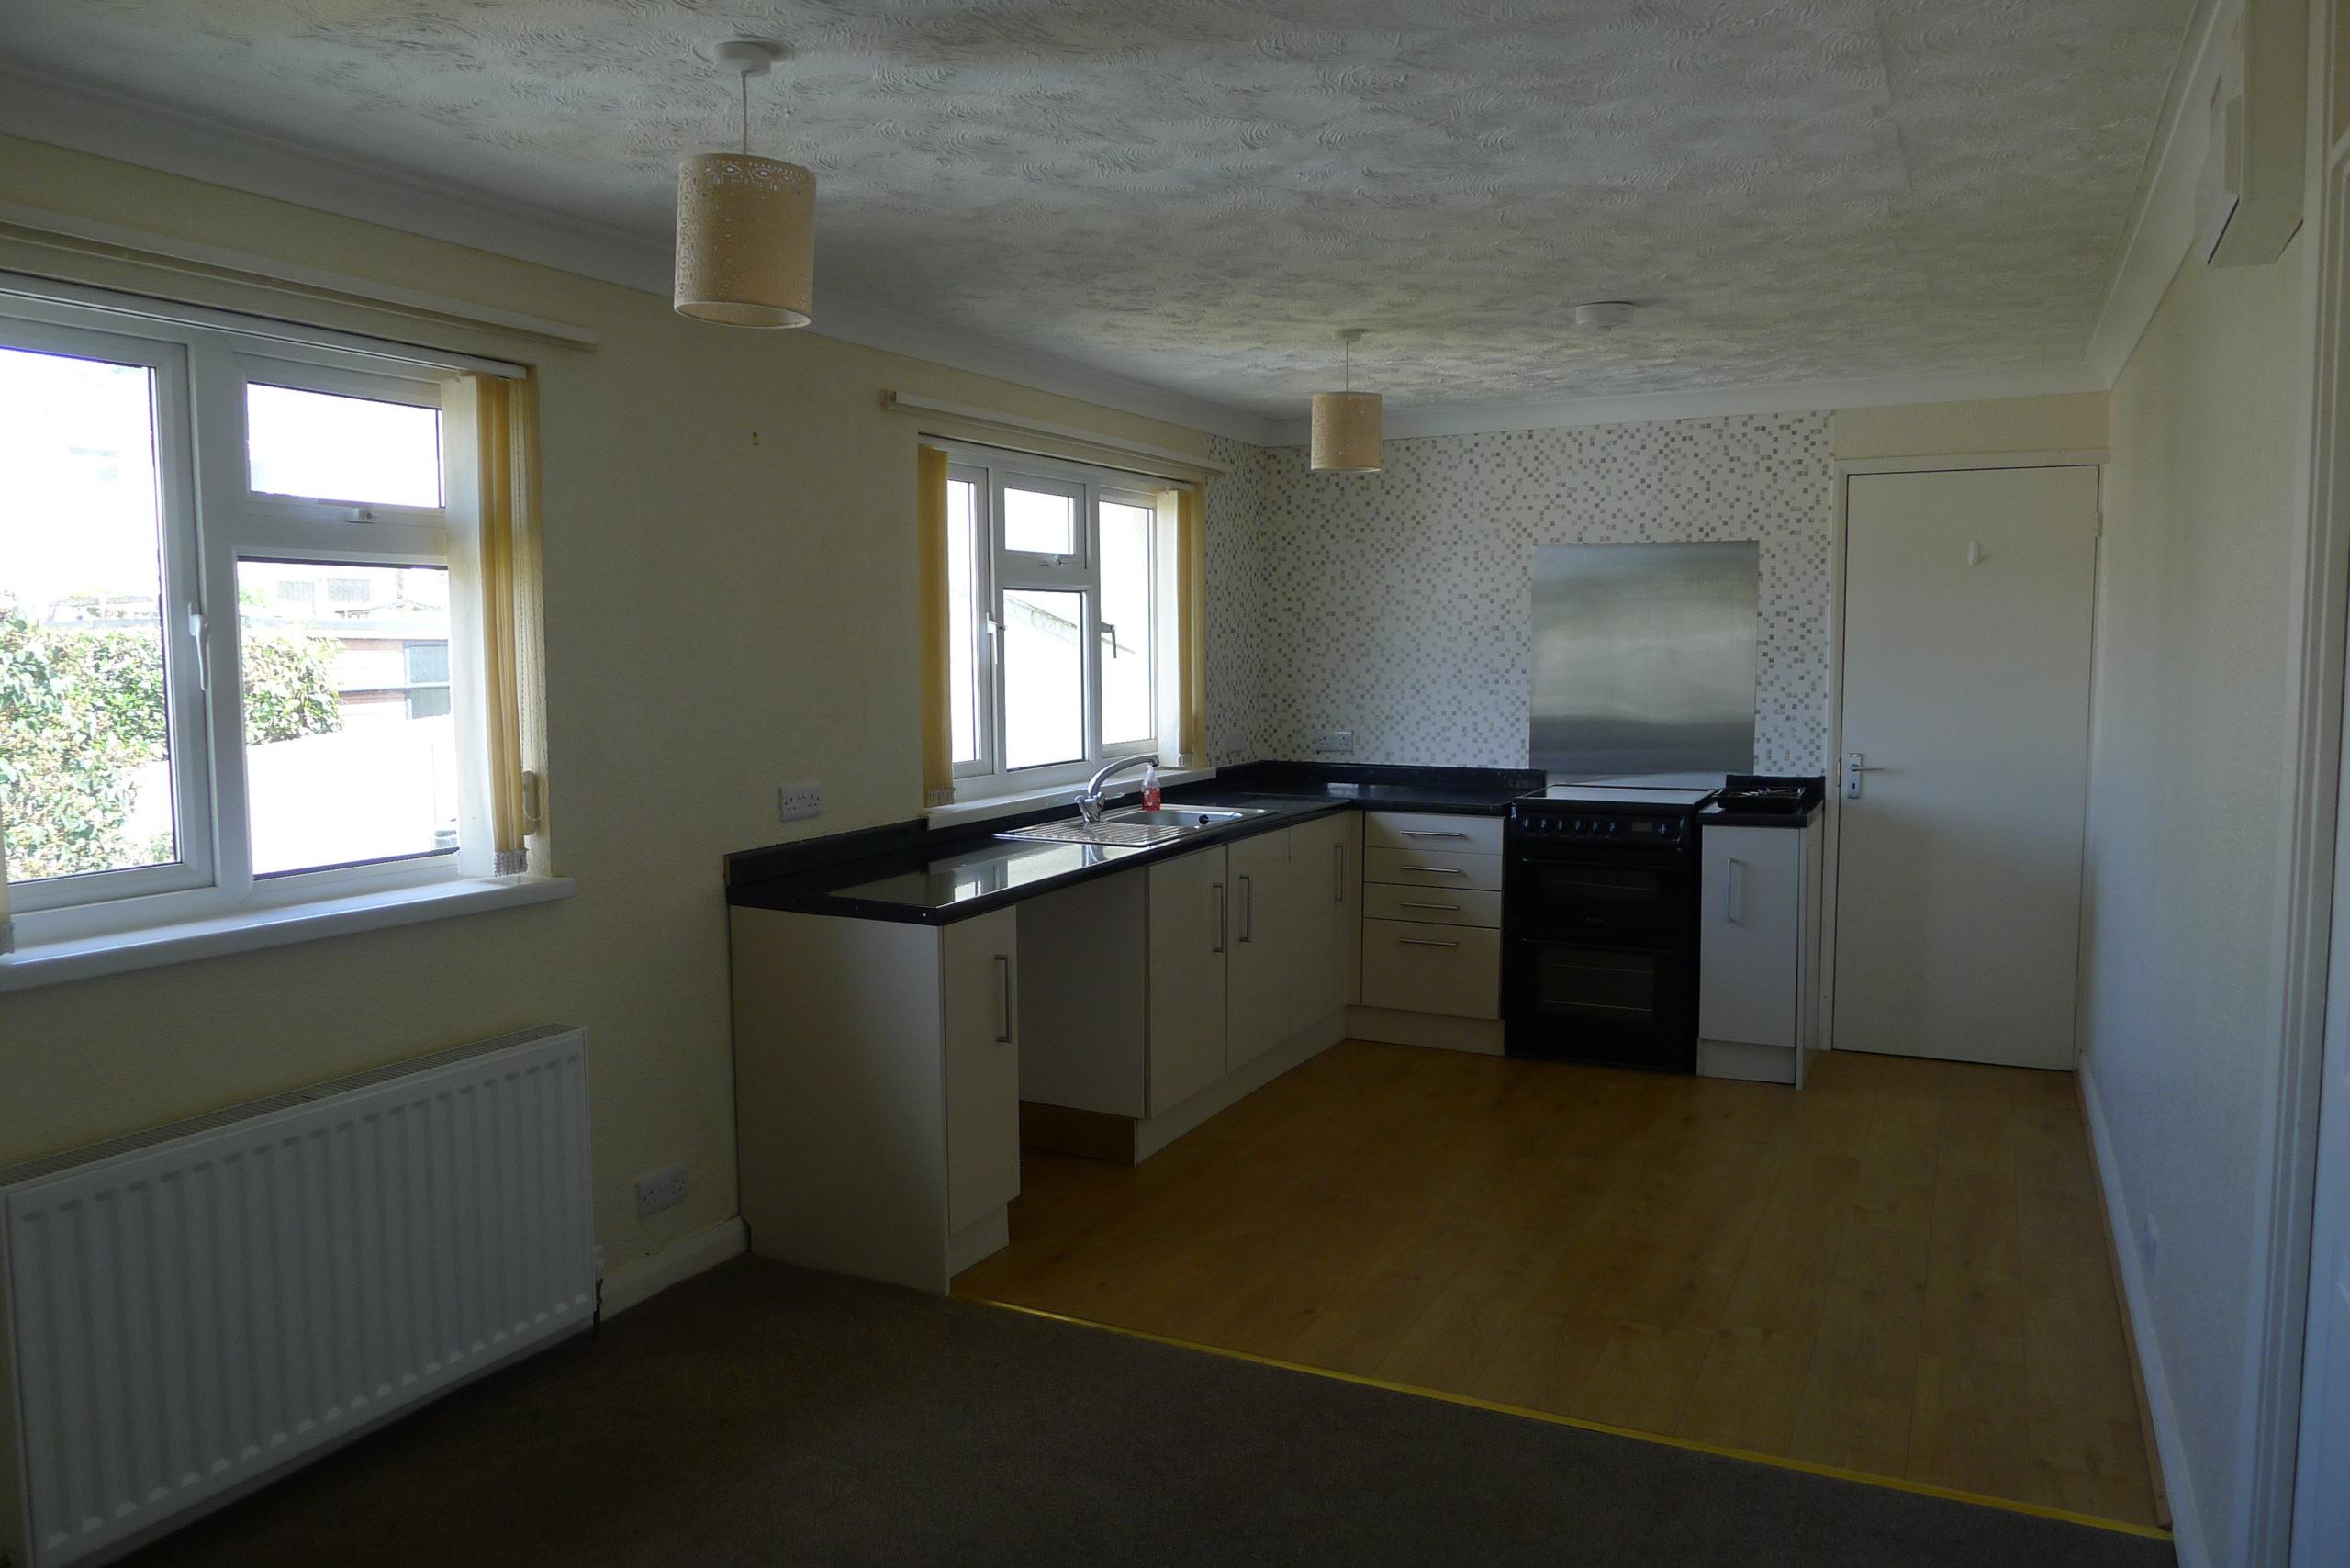 Bowden Road Kitchen